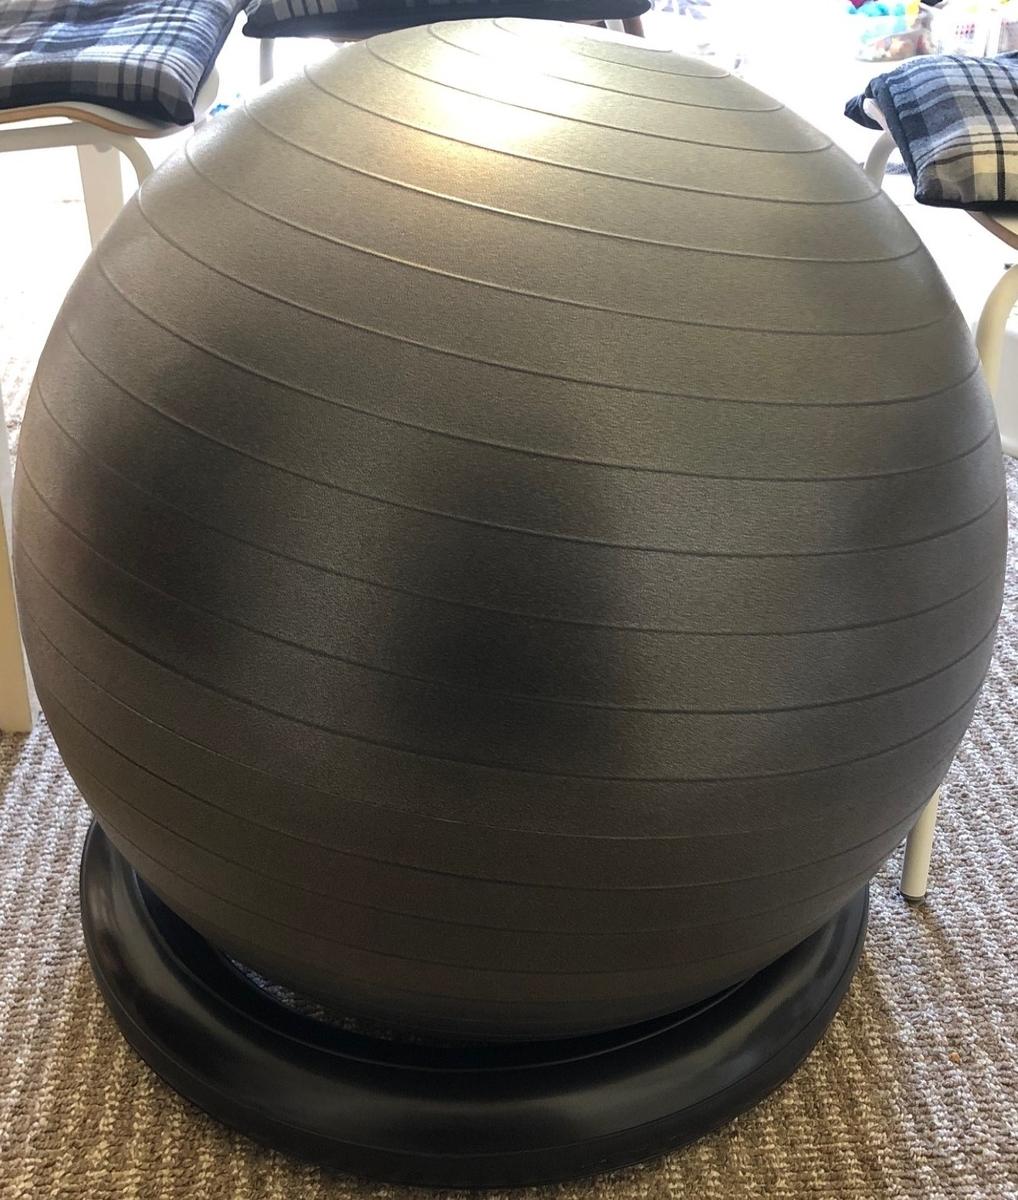 テレワークに最適な黒いバランスボール「姿勢よしお」